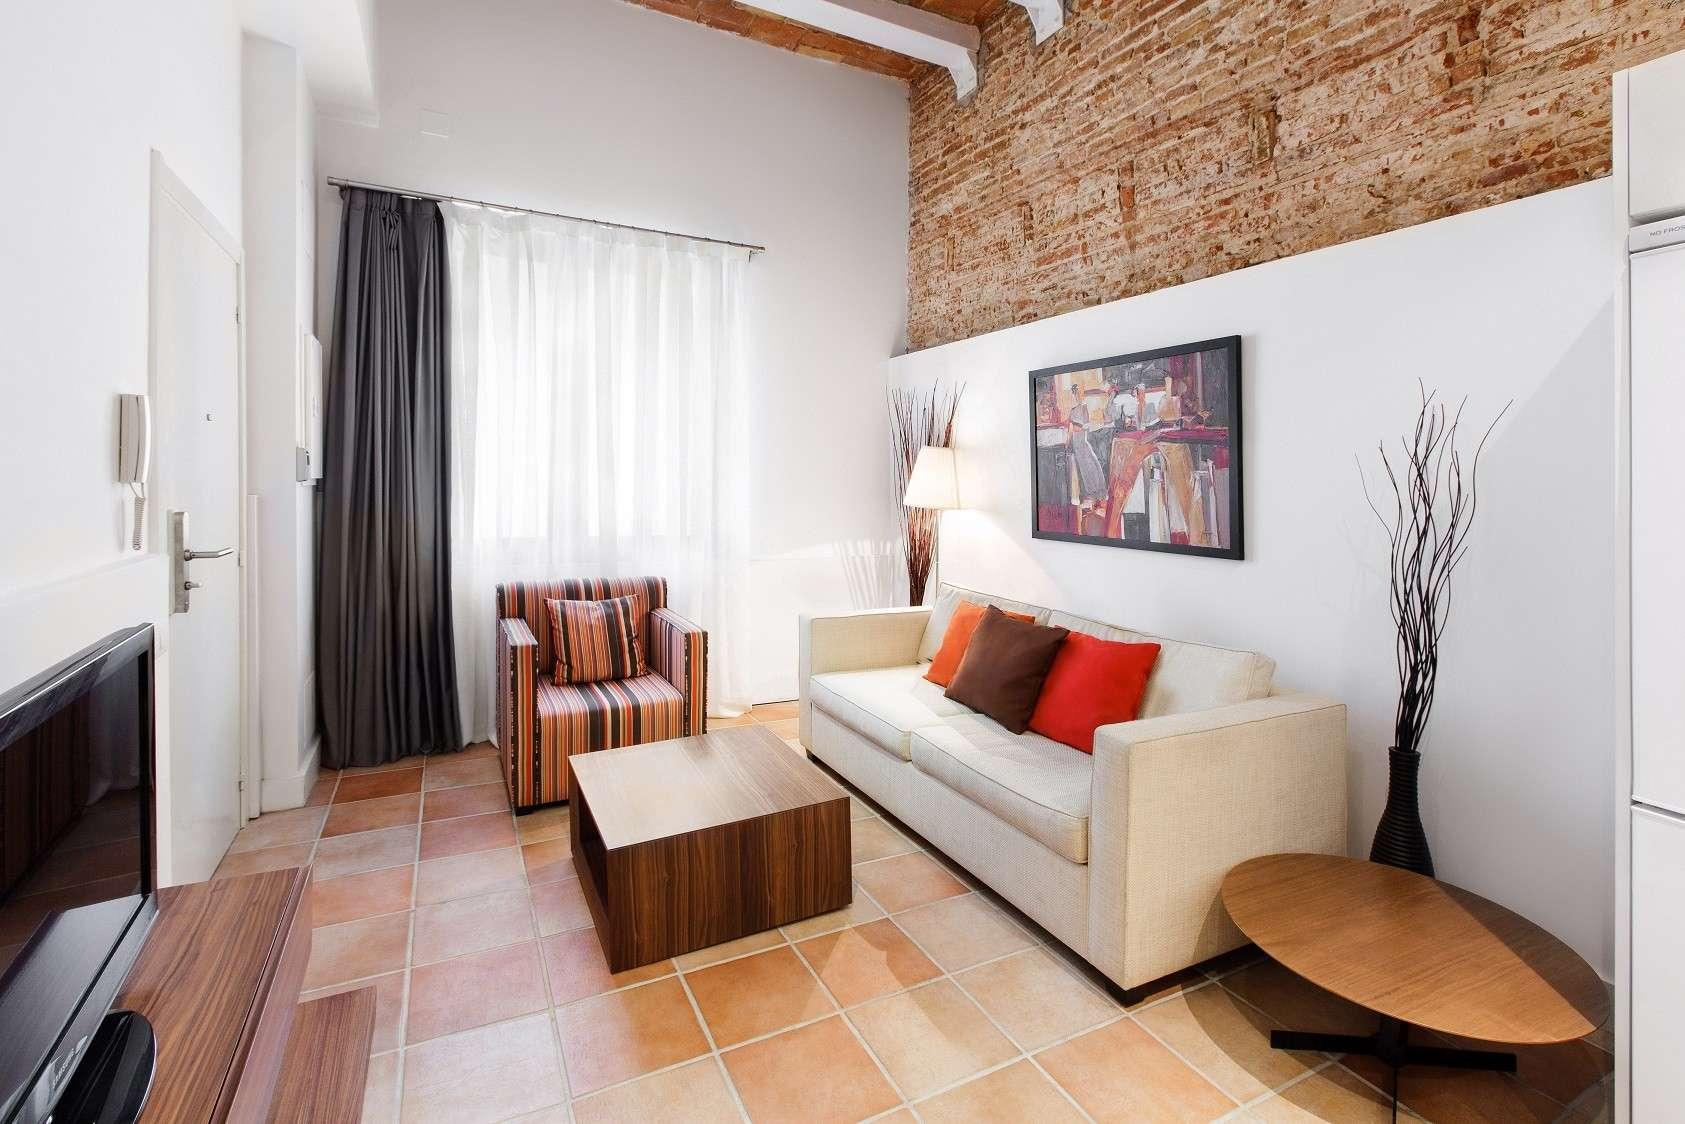 Dailyflats Sagrada Familia 1-bedroom (1-4 adults) apartments in Barcelona 1